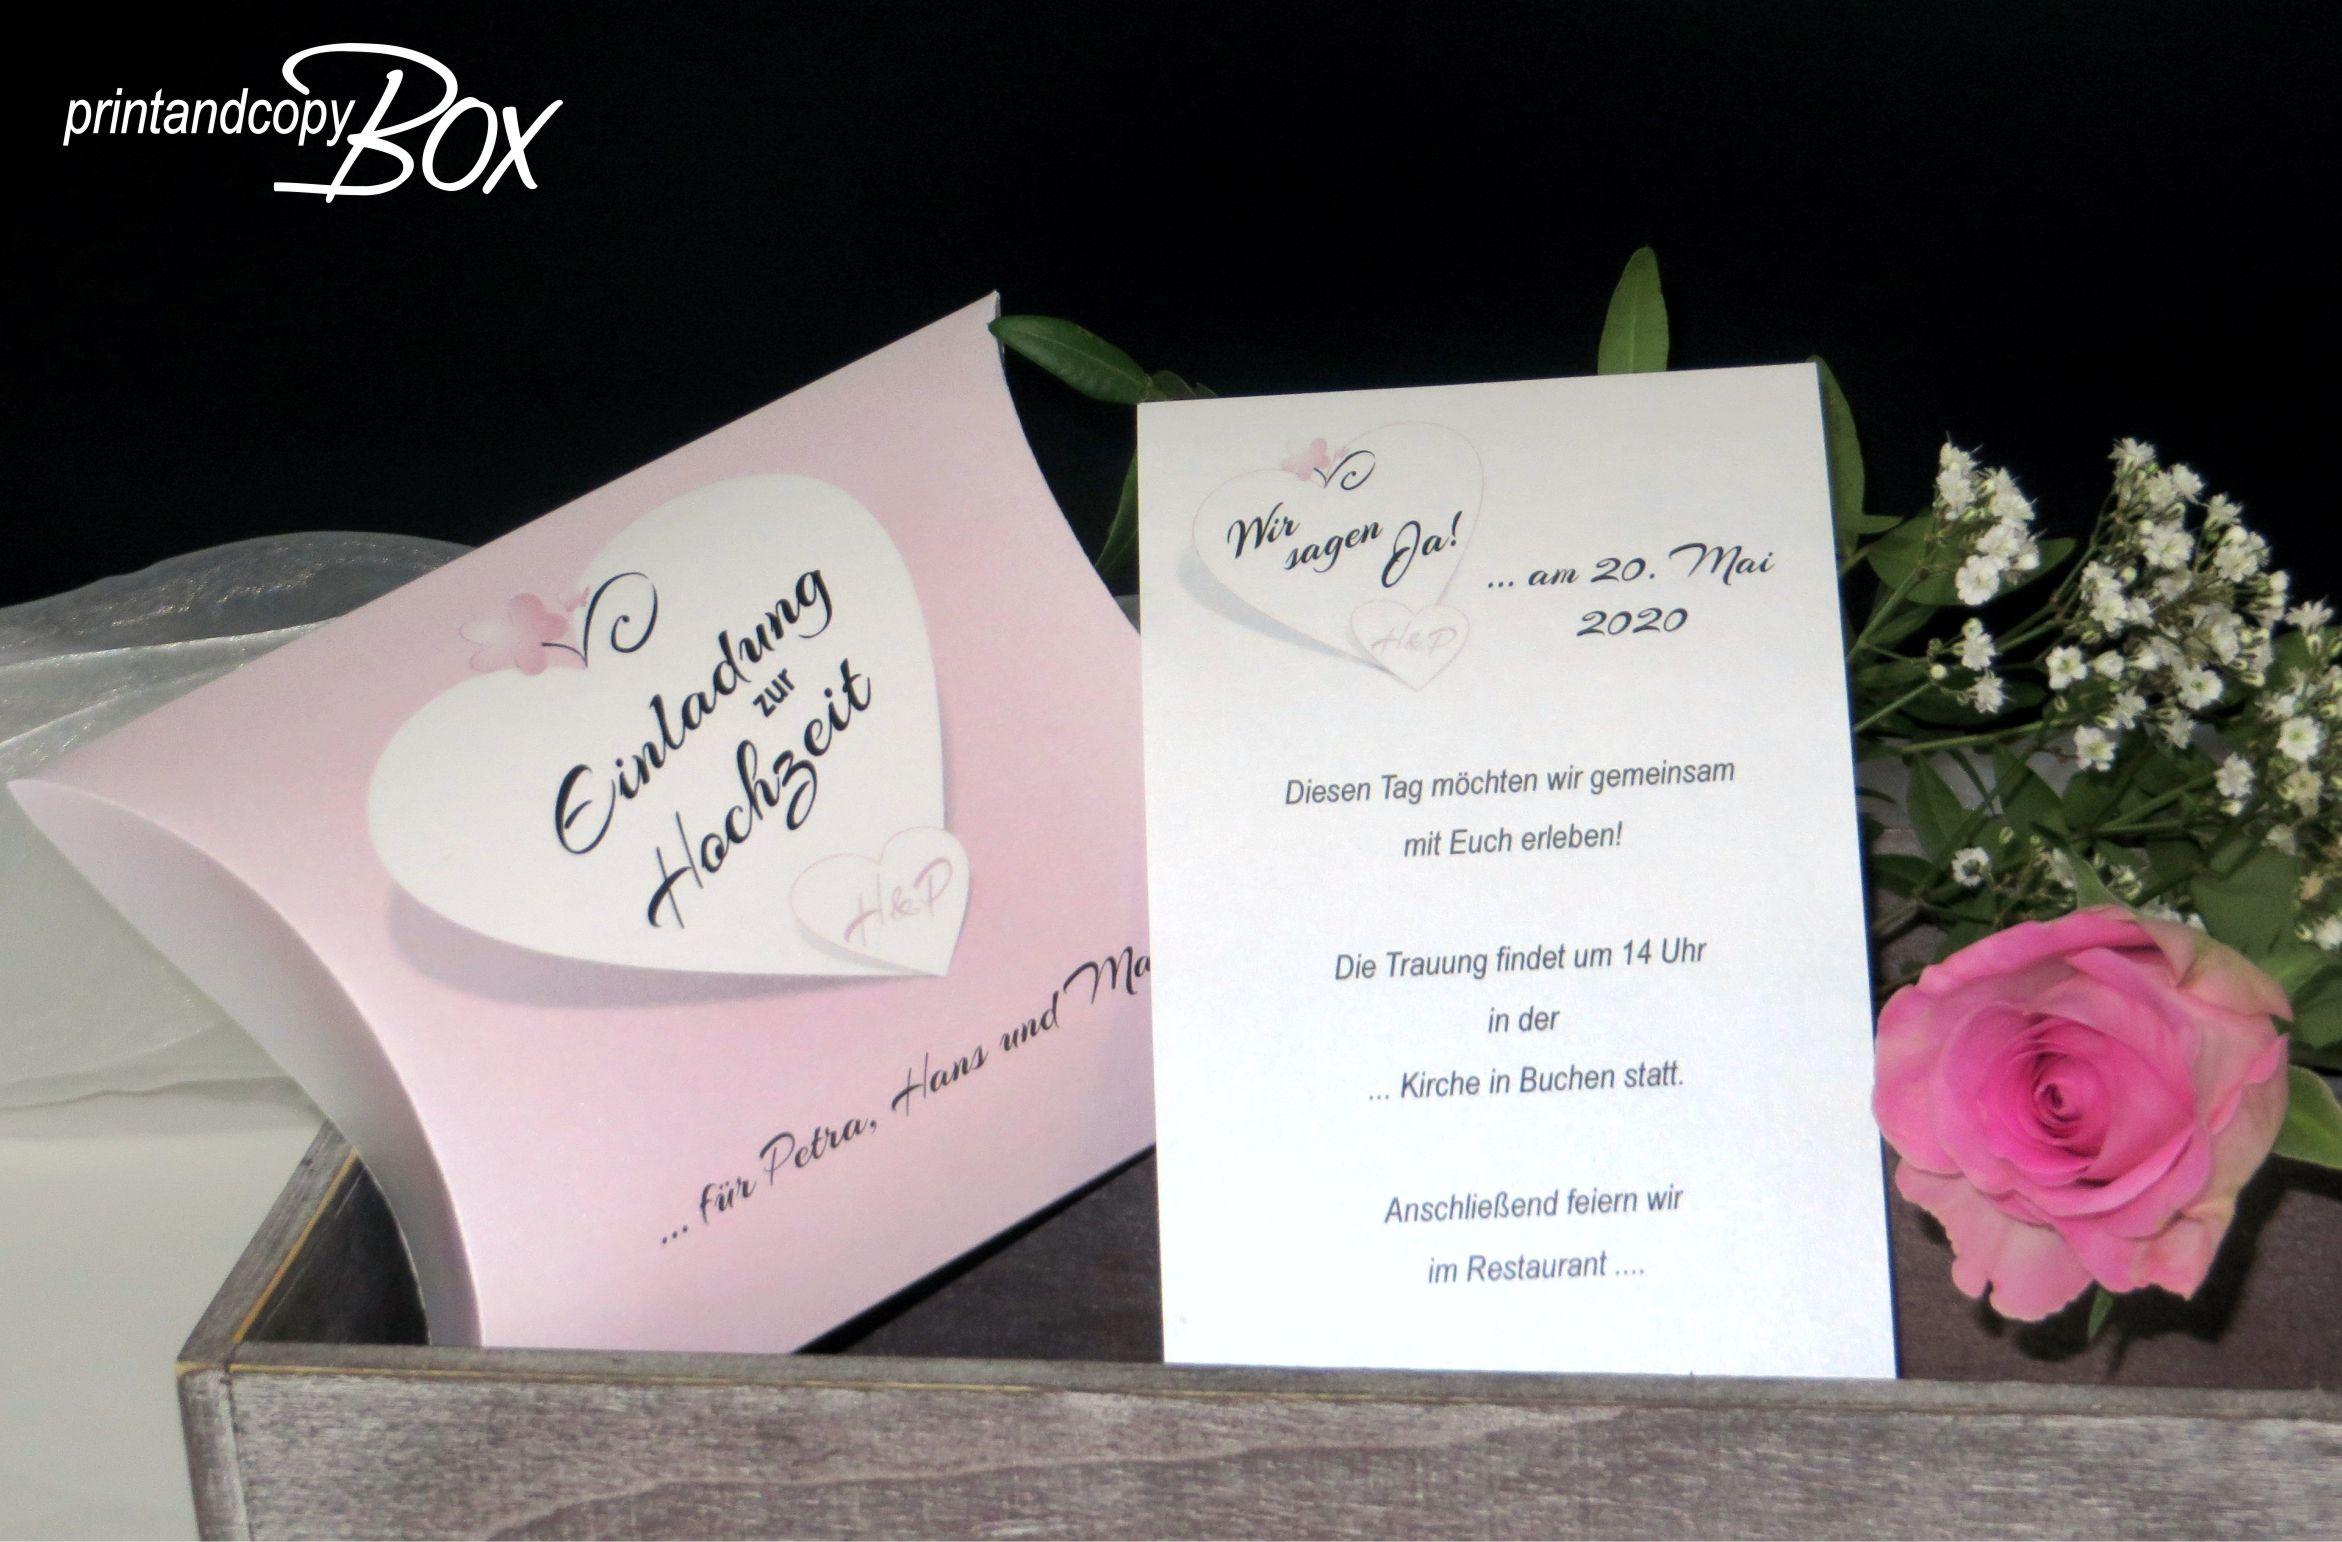 Hochzeitseinladung Mal Anders Die Box Mit Dem Design In Rosa Ist